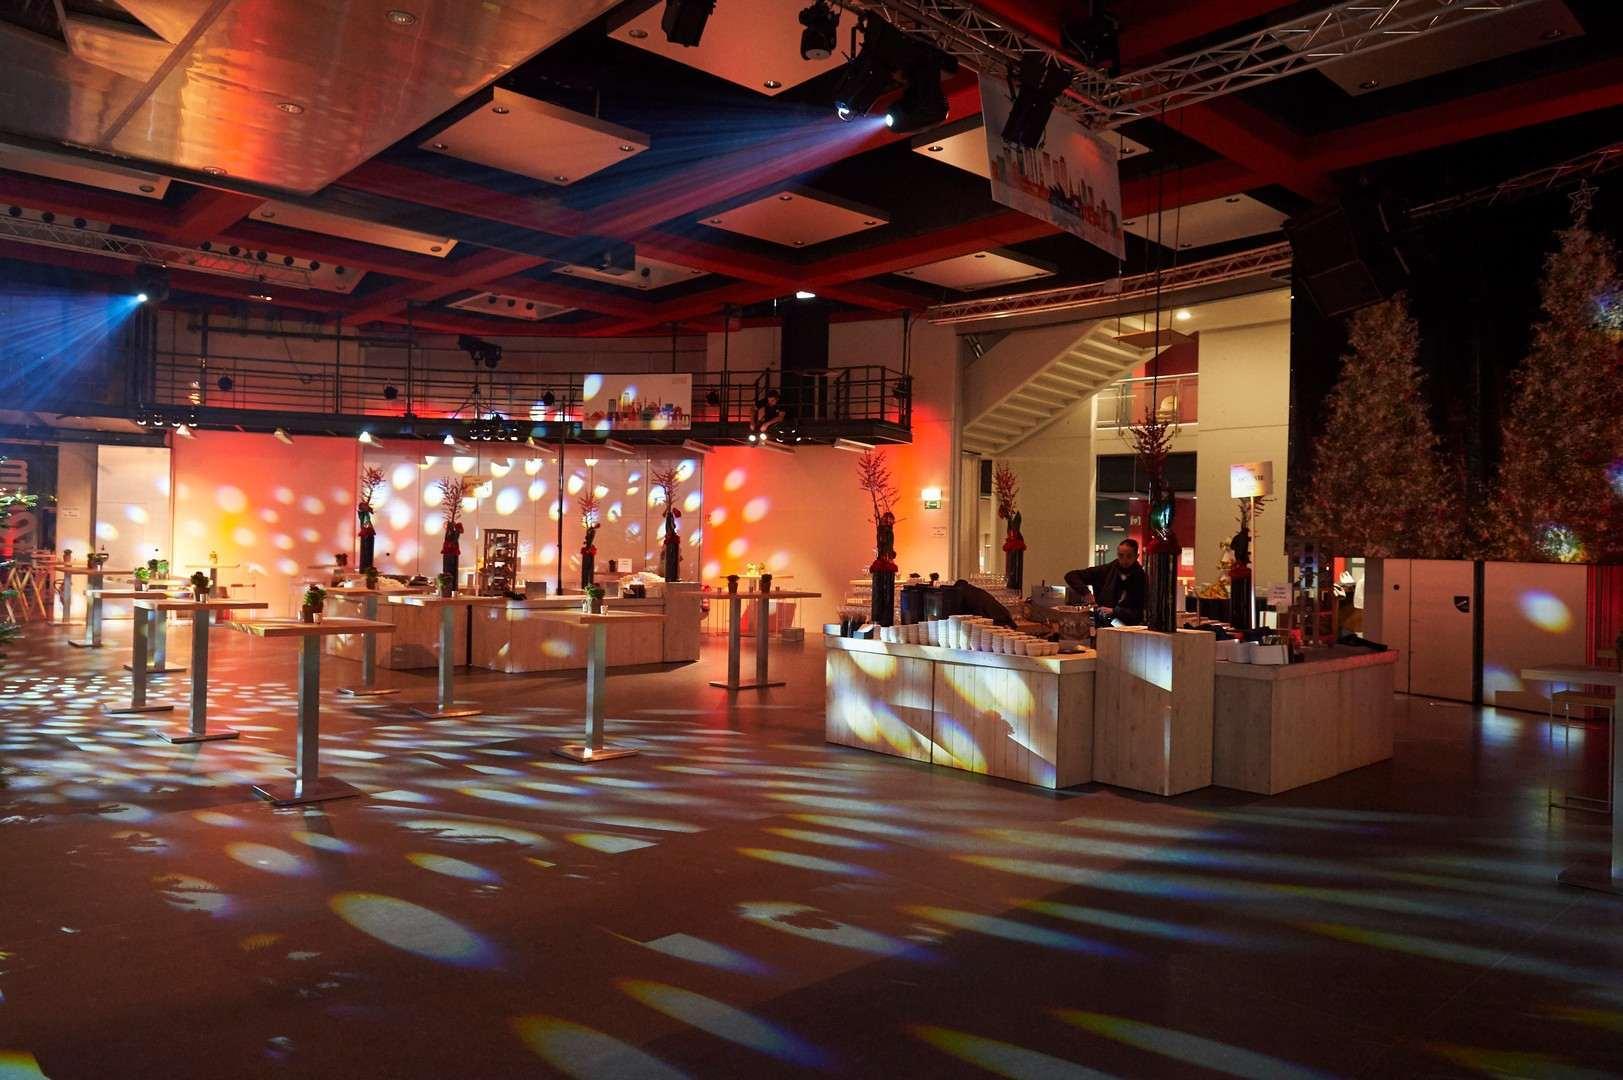 ferrero-xmas-party-2016-intérieur-decor-ambiance-festive